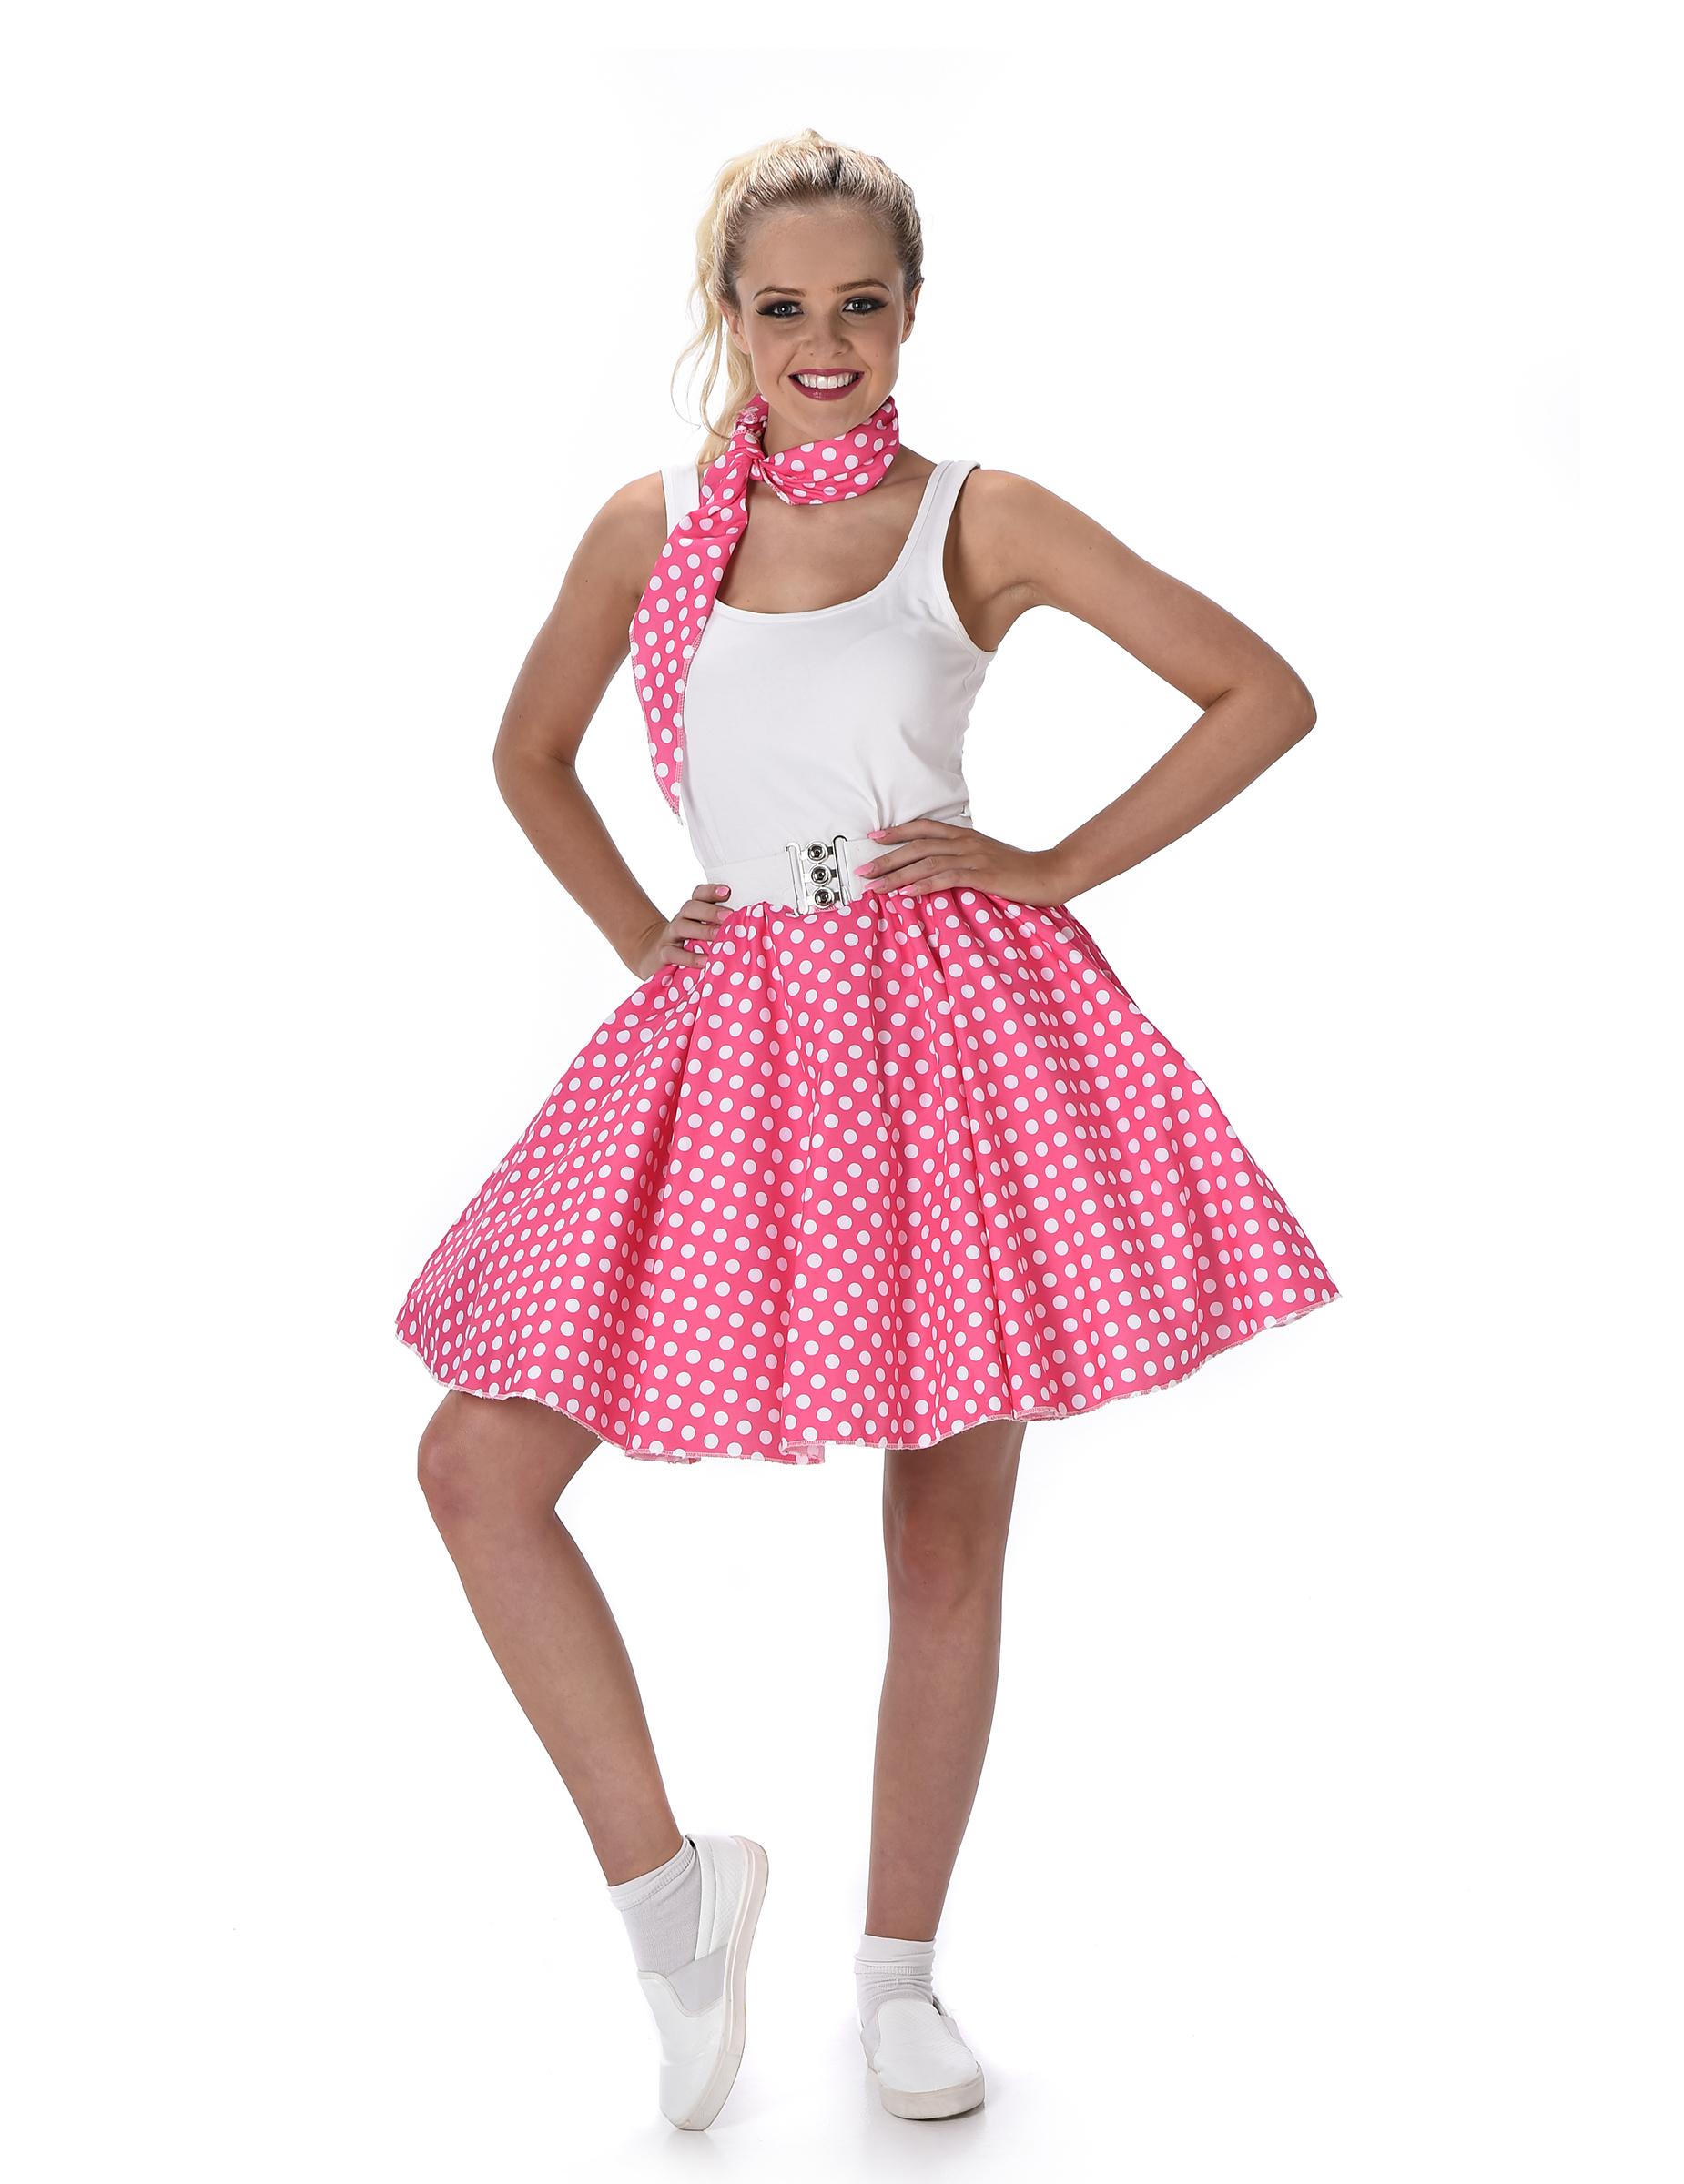 D guisement ann es 50 rose pois femme deguise toi achat de d guisements adultes - Deguisement annee 90 femme ...